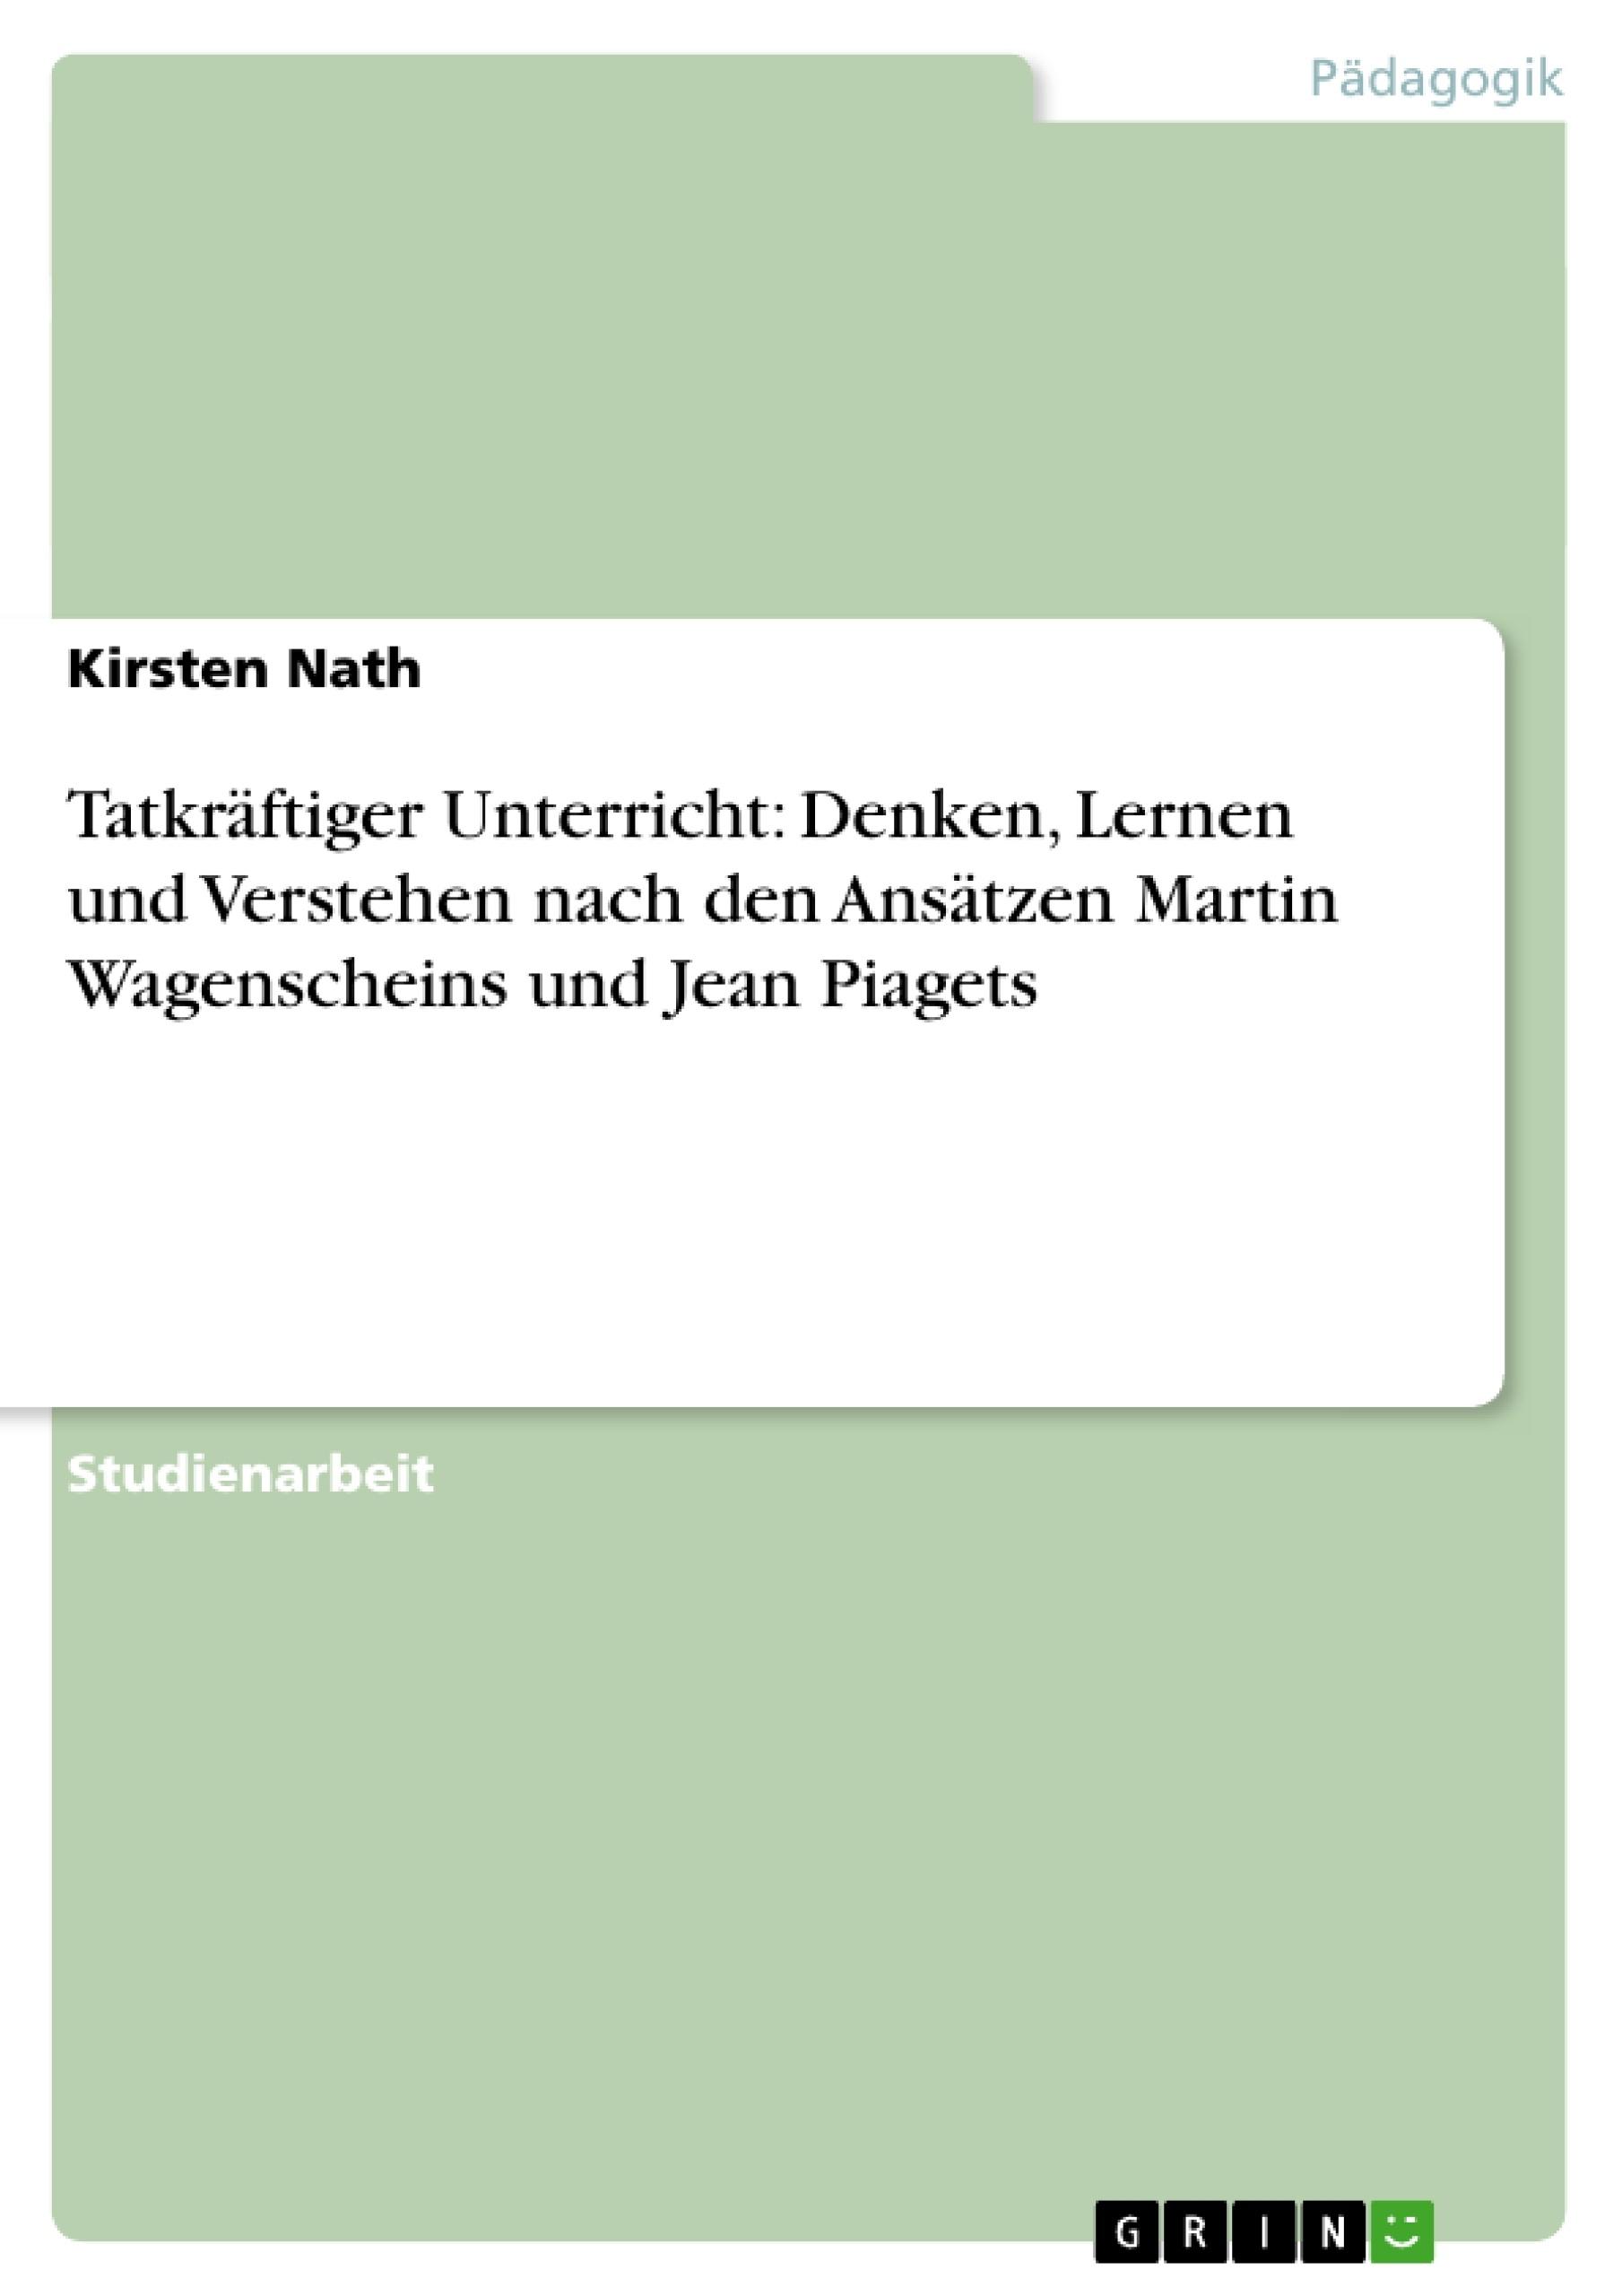 Titel: Tatkräftiger Unterricht: Denken, Lernen und Verstehen nach den Ansätzen Martin Wagenscheins und Jean Piagets